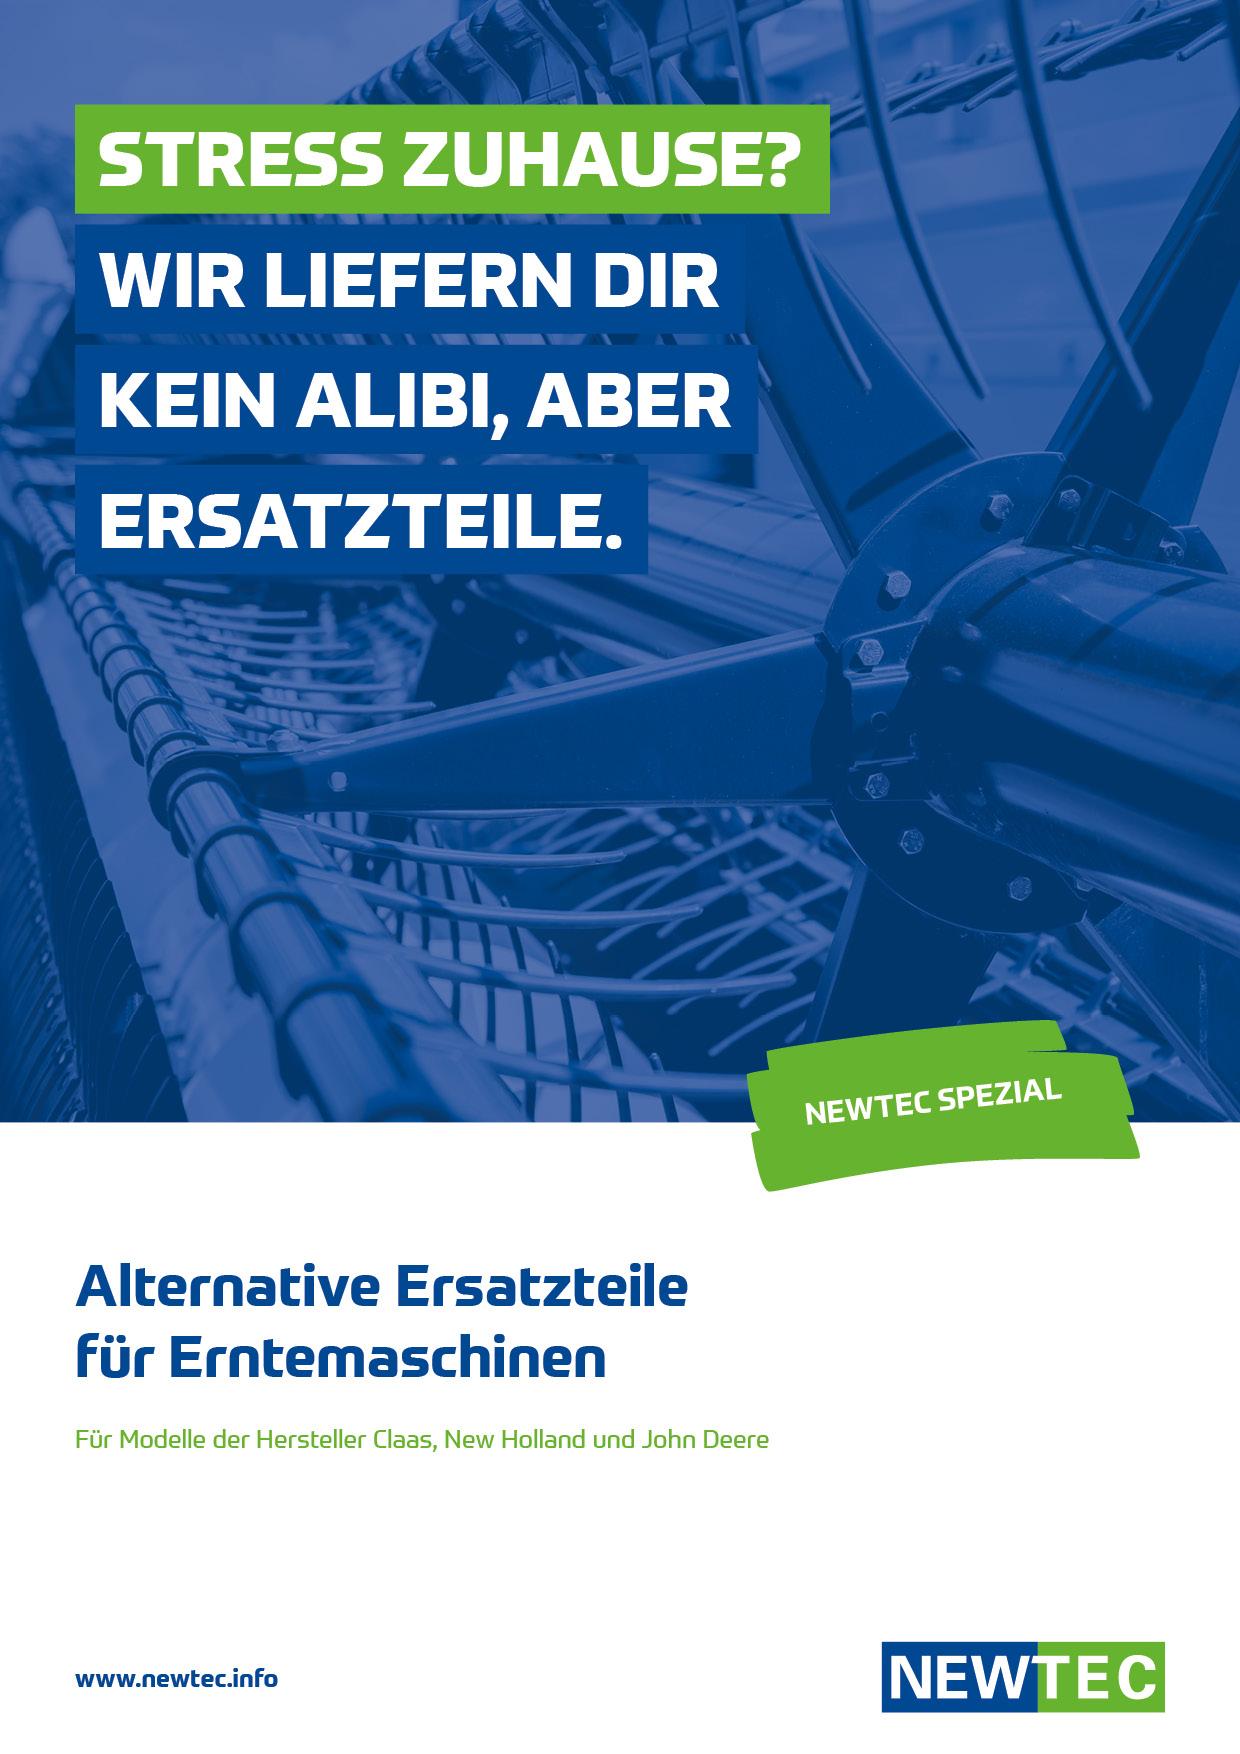 newtec_alternative-ersatzteile-fuer-erntemaschinen_web